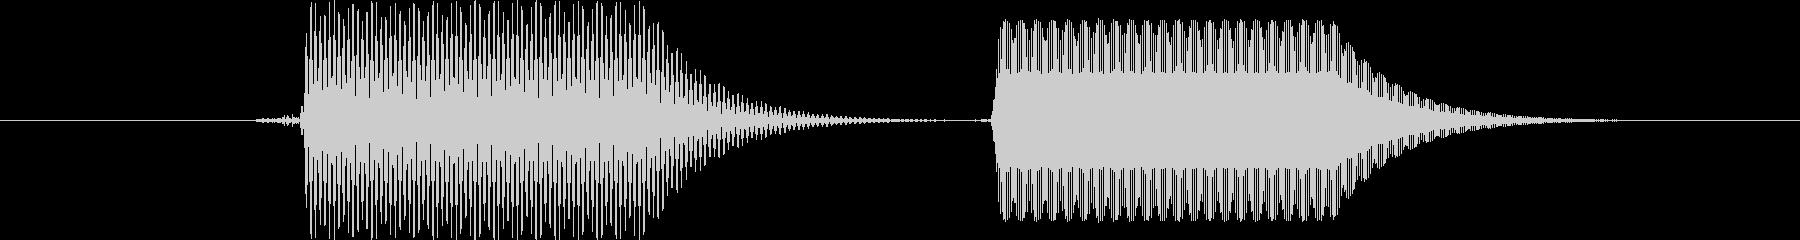 ドラゴンのレーダー風の音(ピシッ!!)の未再生の波形